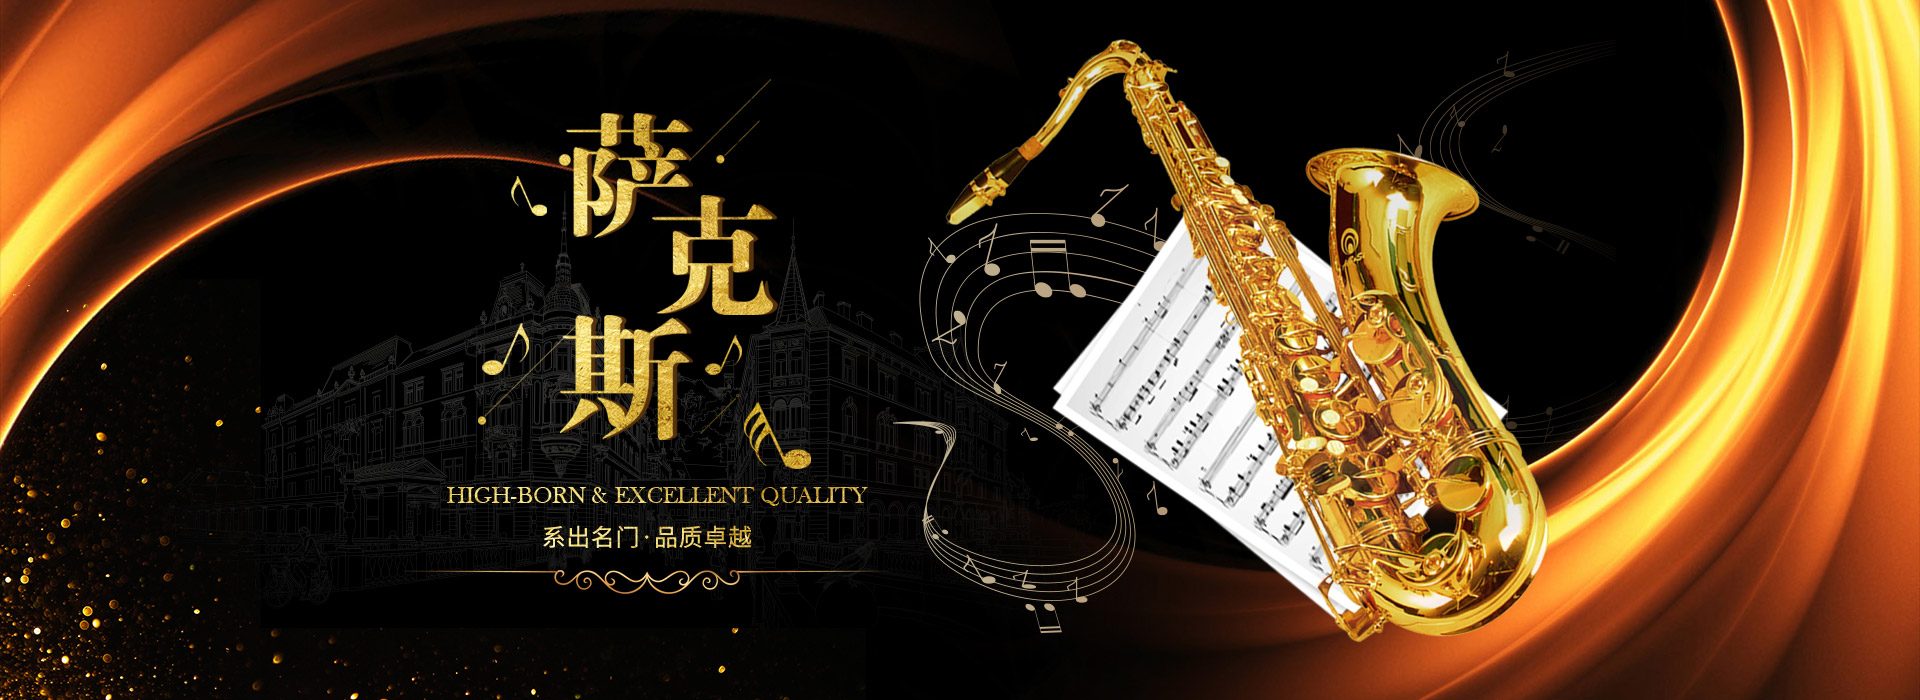 龍口錦盛樂器有限公司